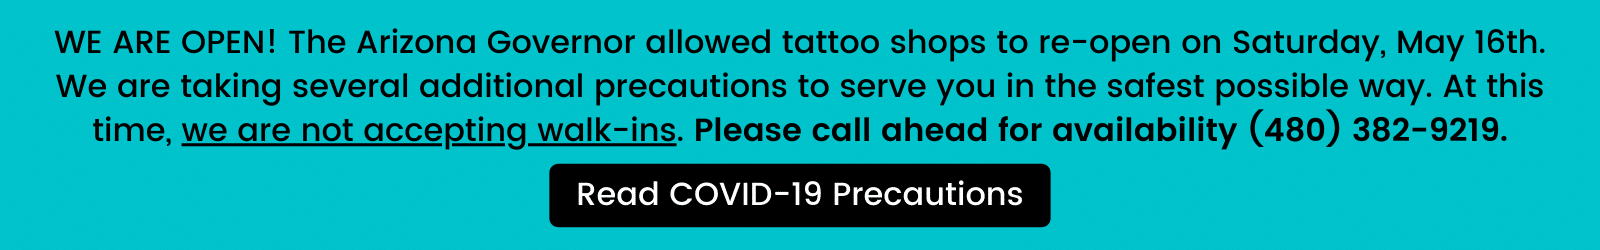 Read our COVID-19 precautions